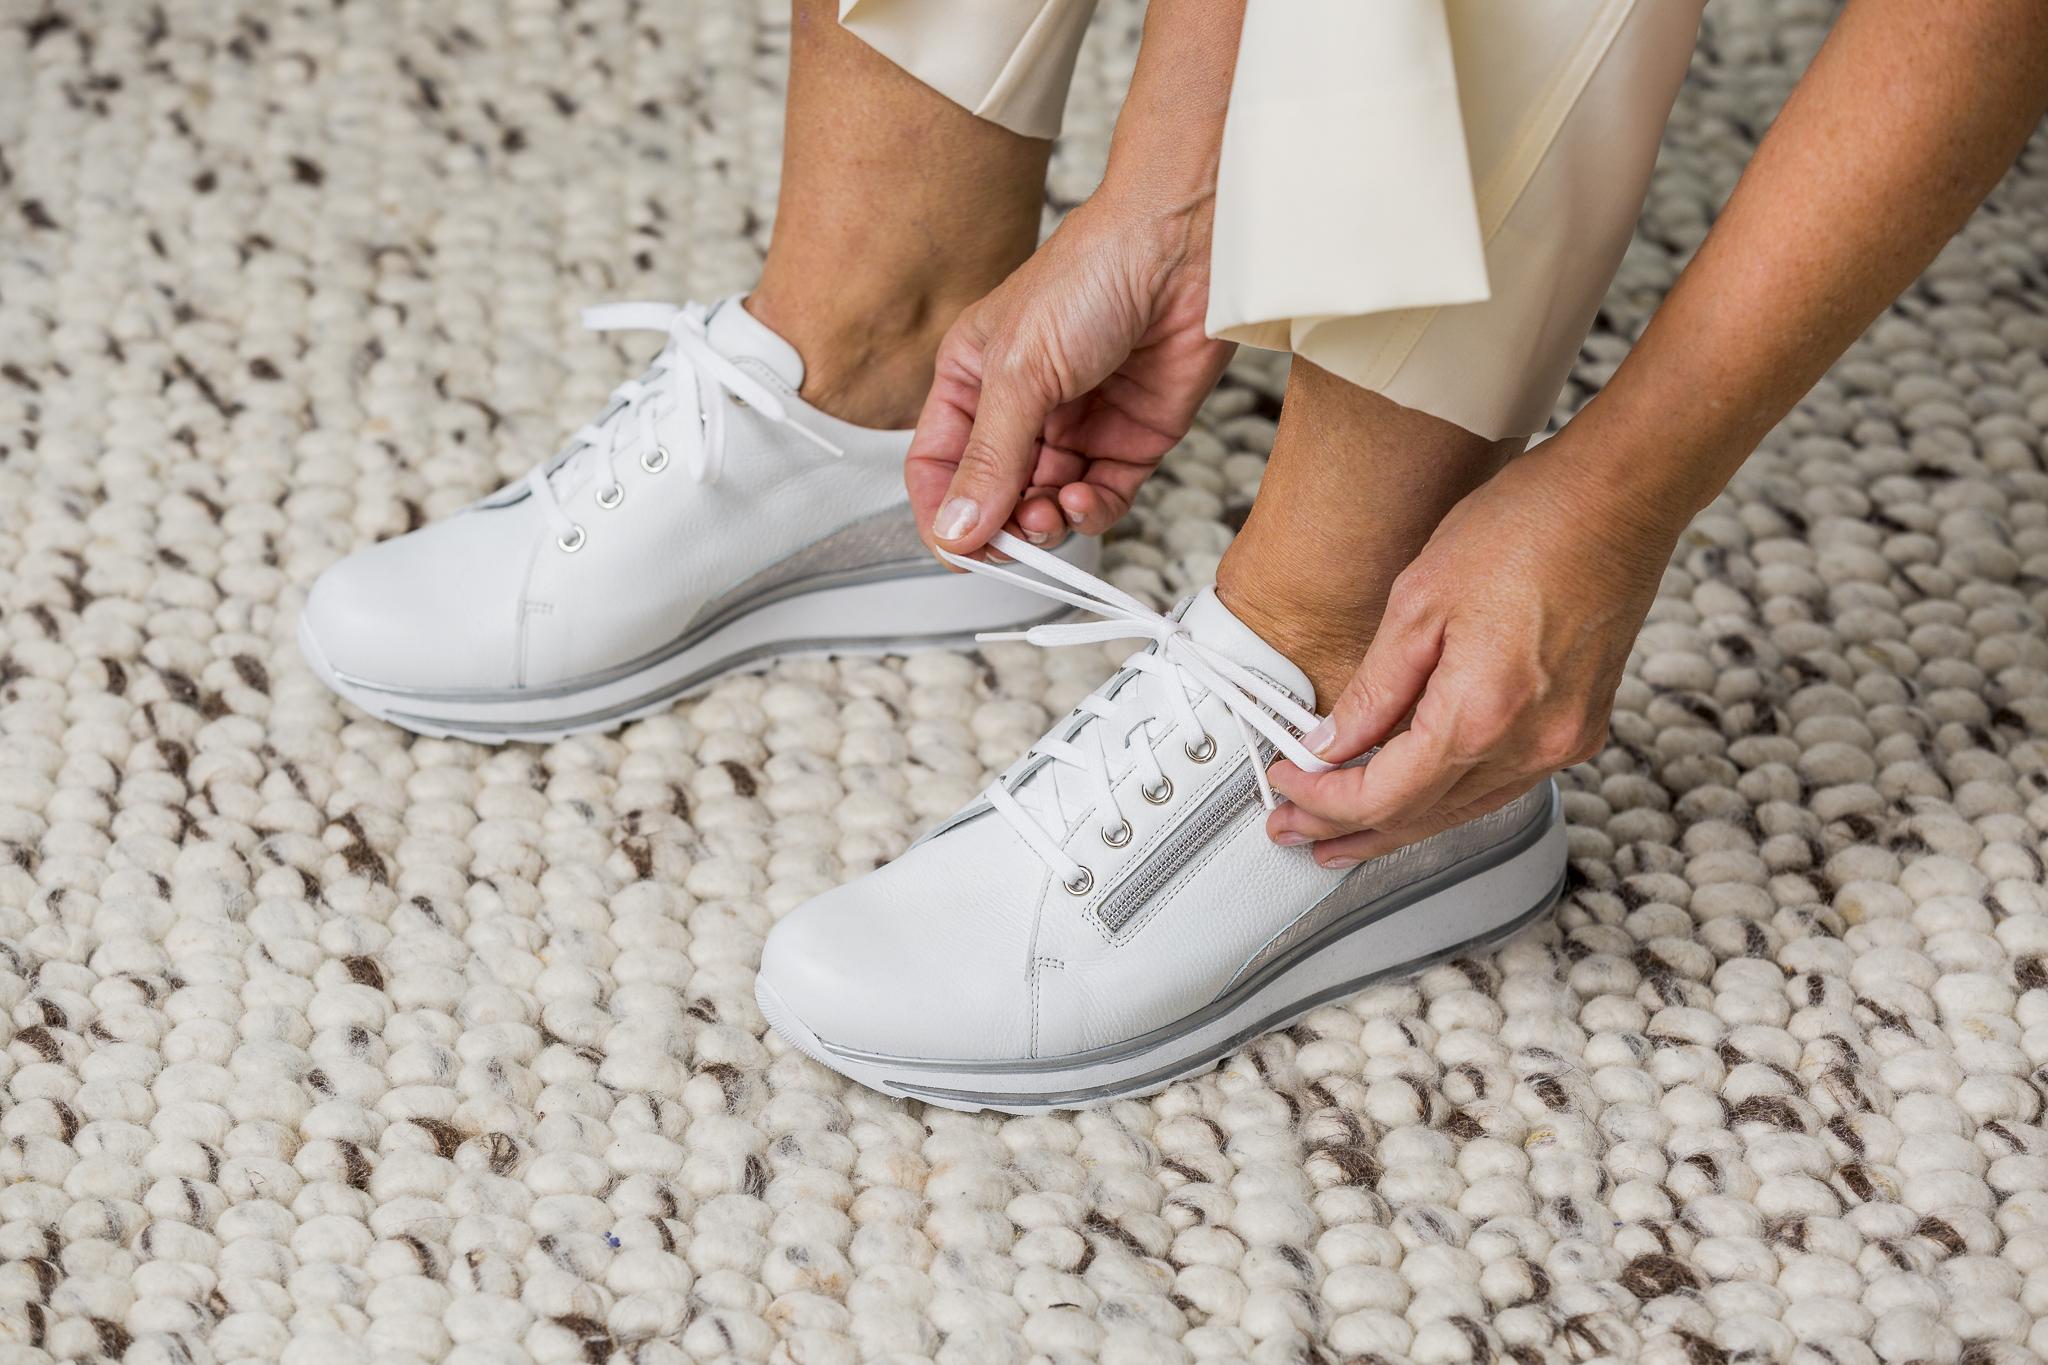 Damesschoenen wijdte H breed Breedtemaat schoenen.nl